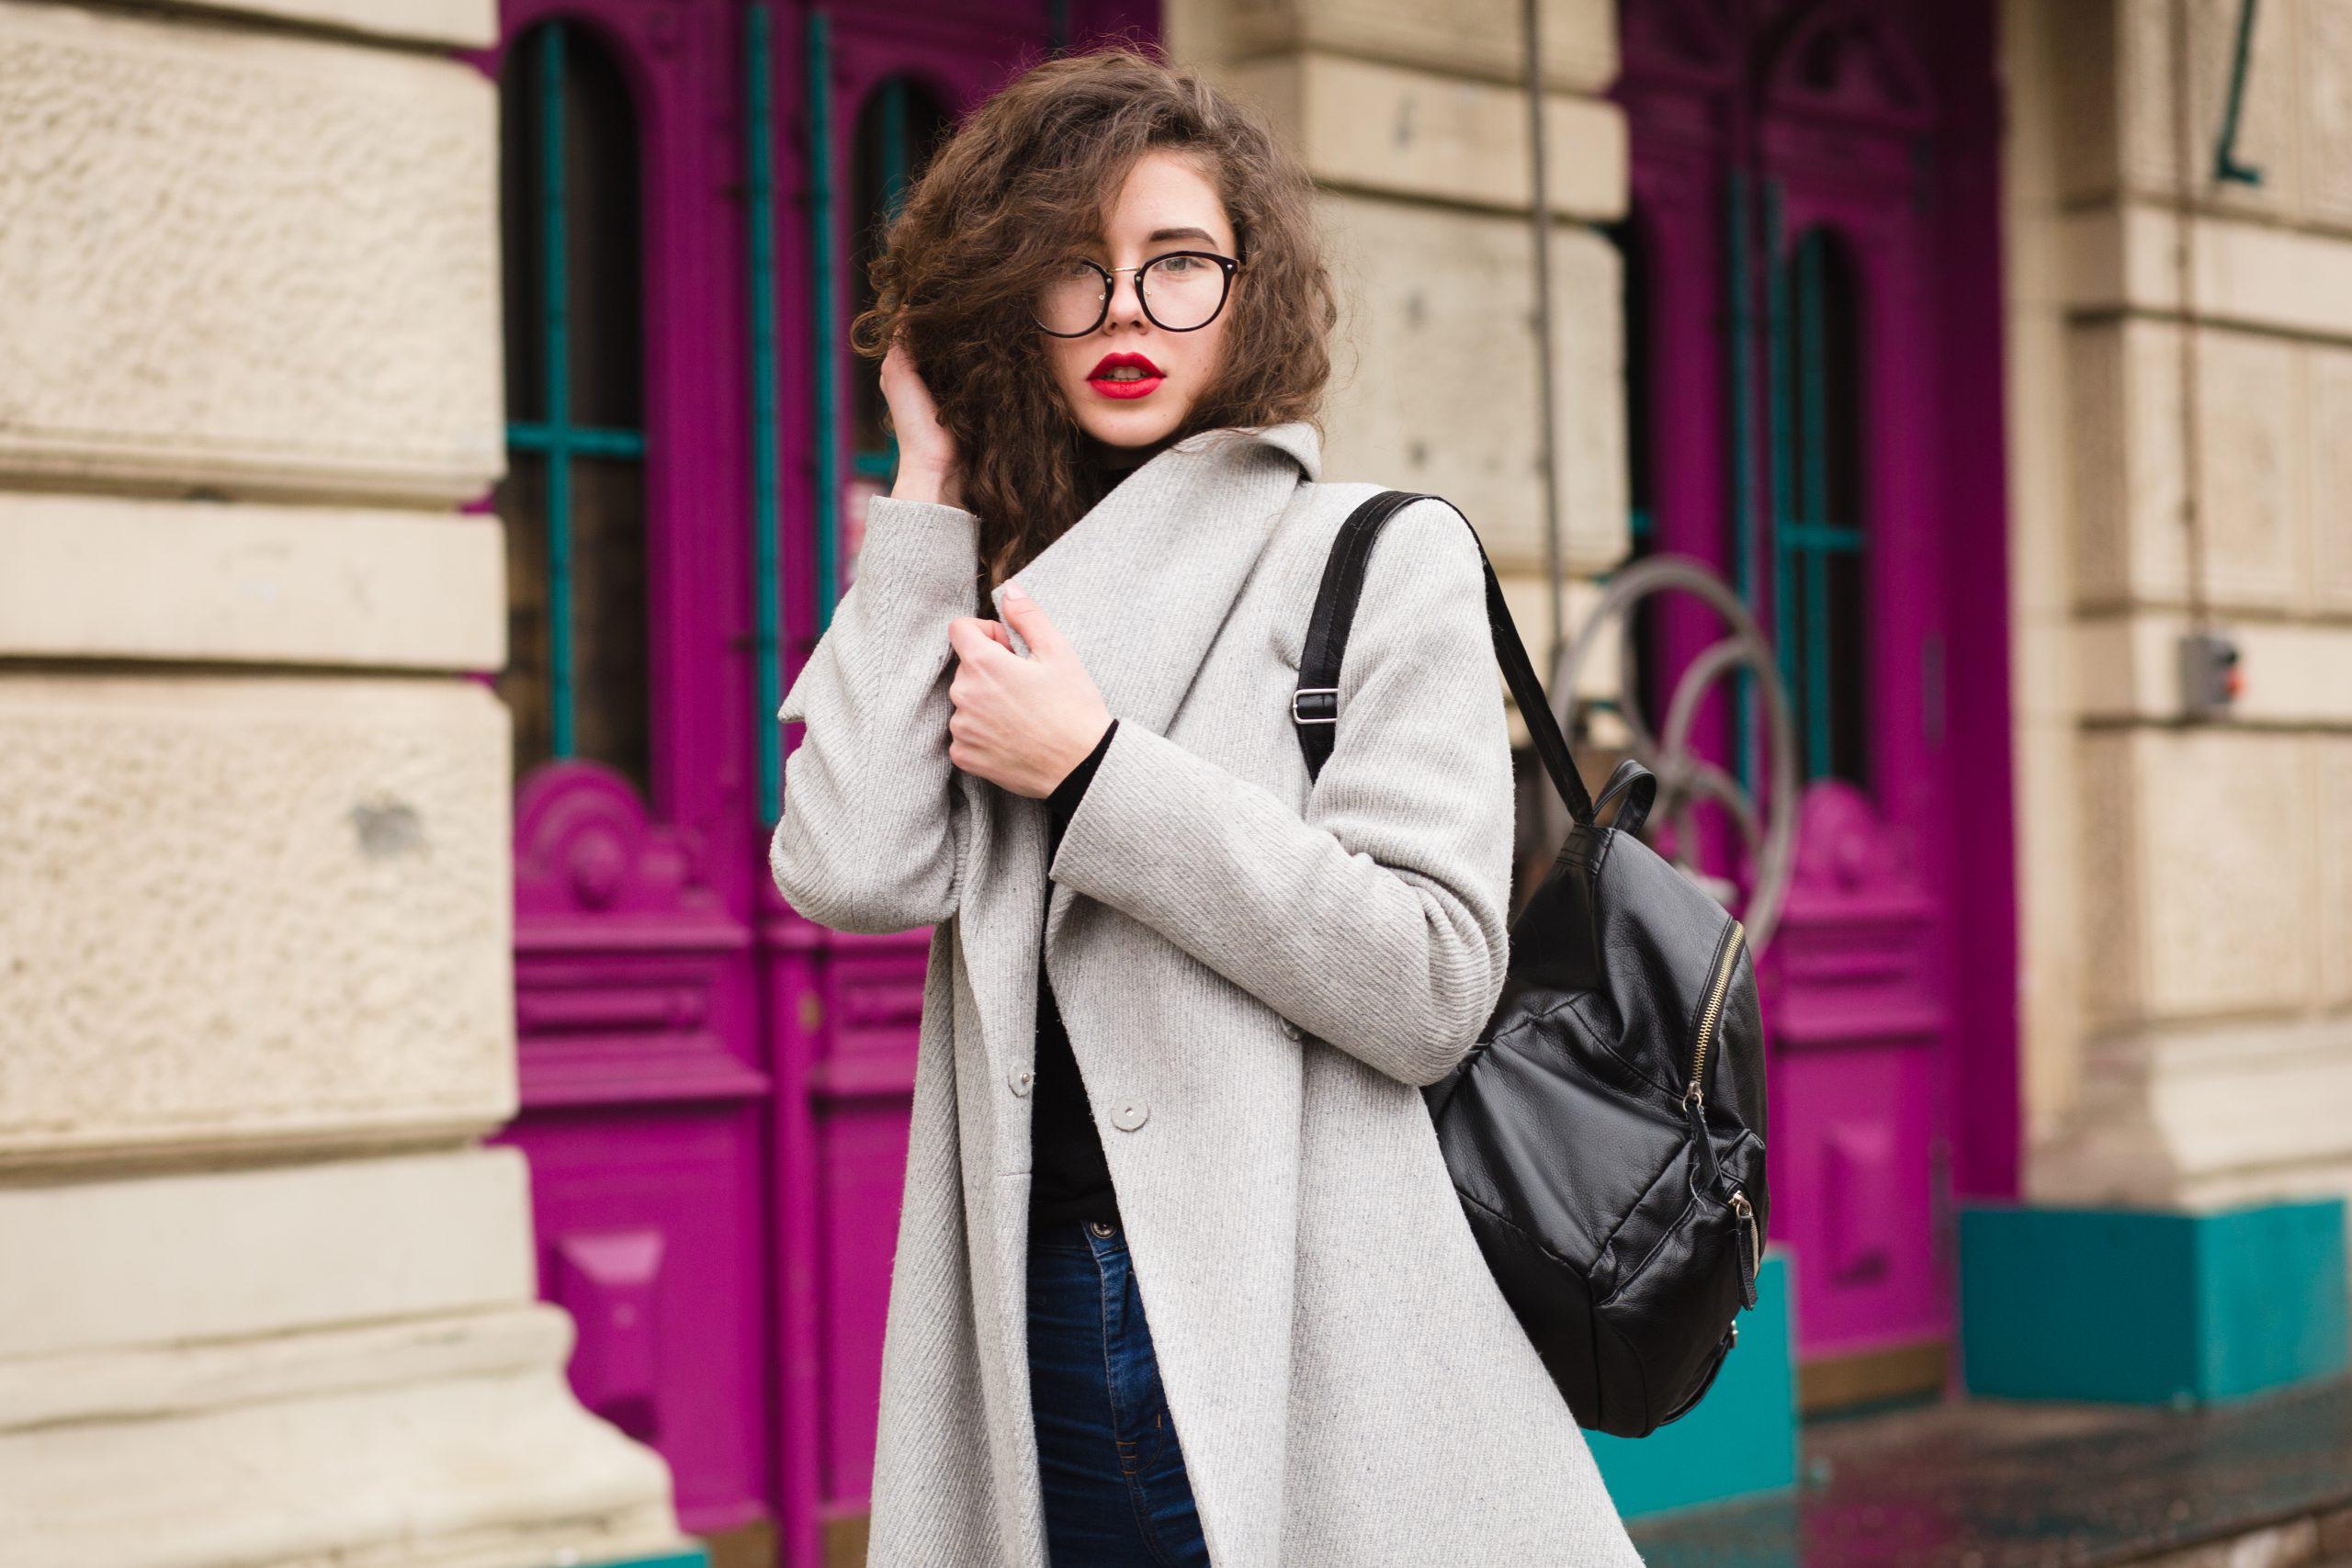 Skórzany plecaczek damski na walentynkowy prezent – sprawdź, co dla niej kupić.